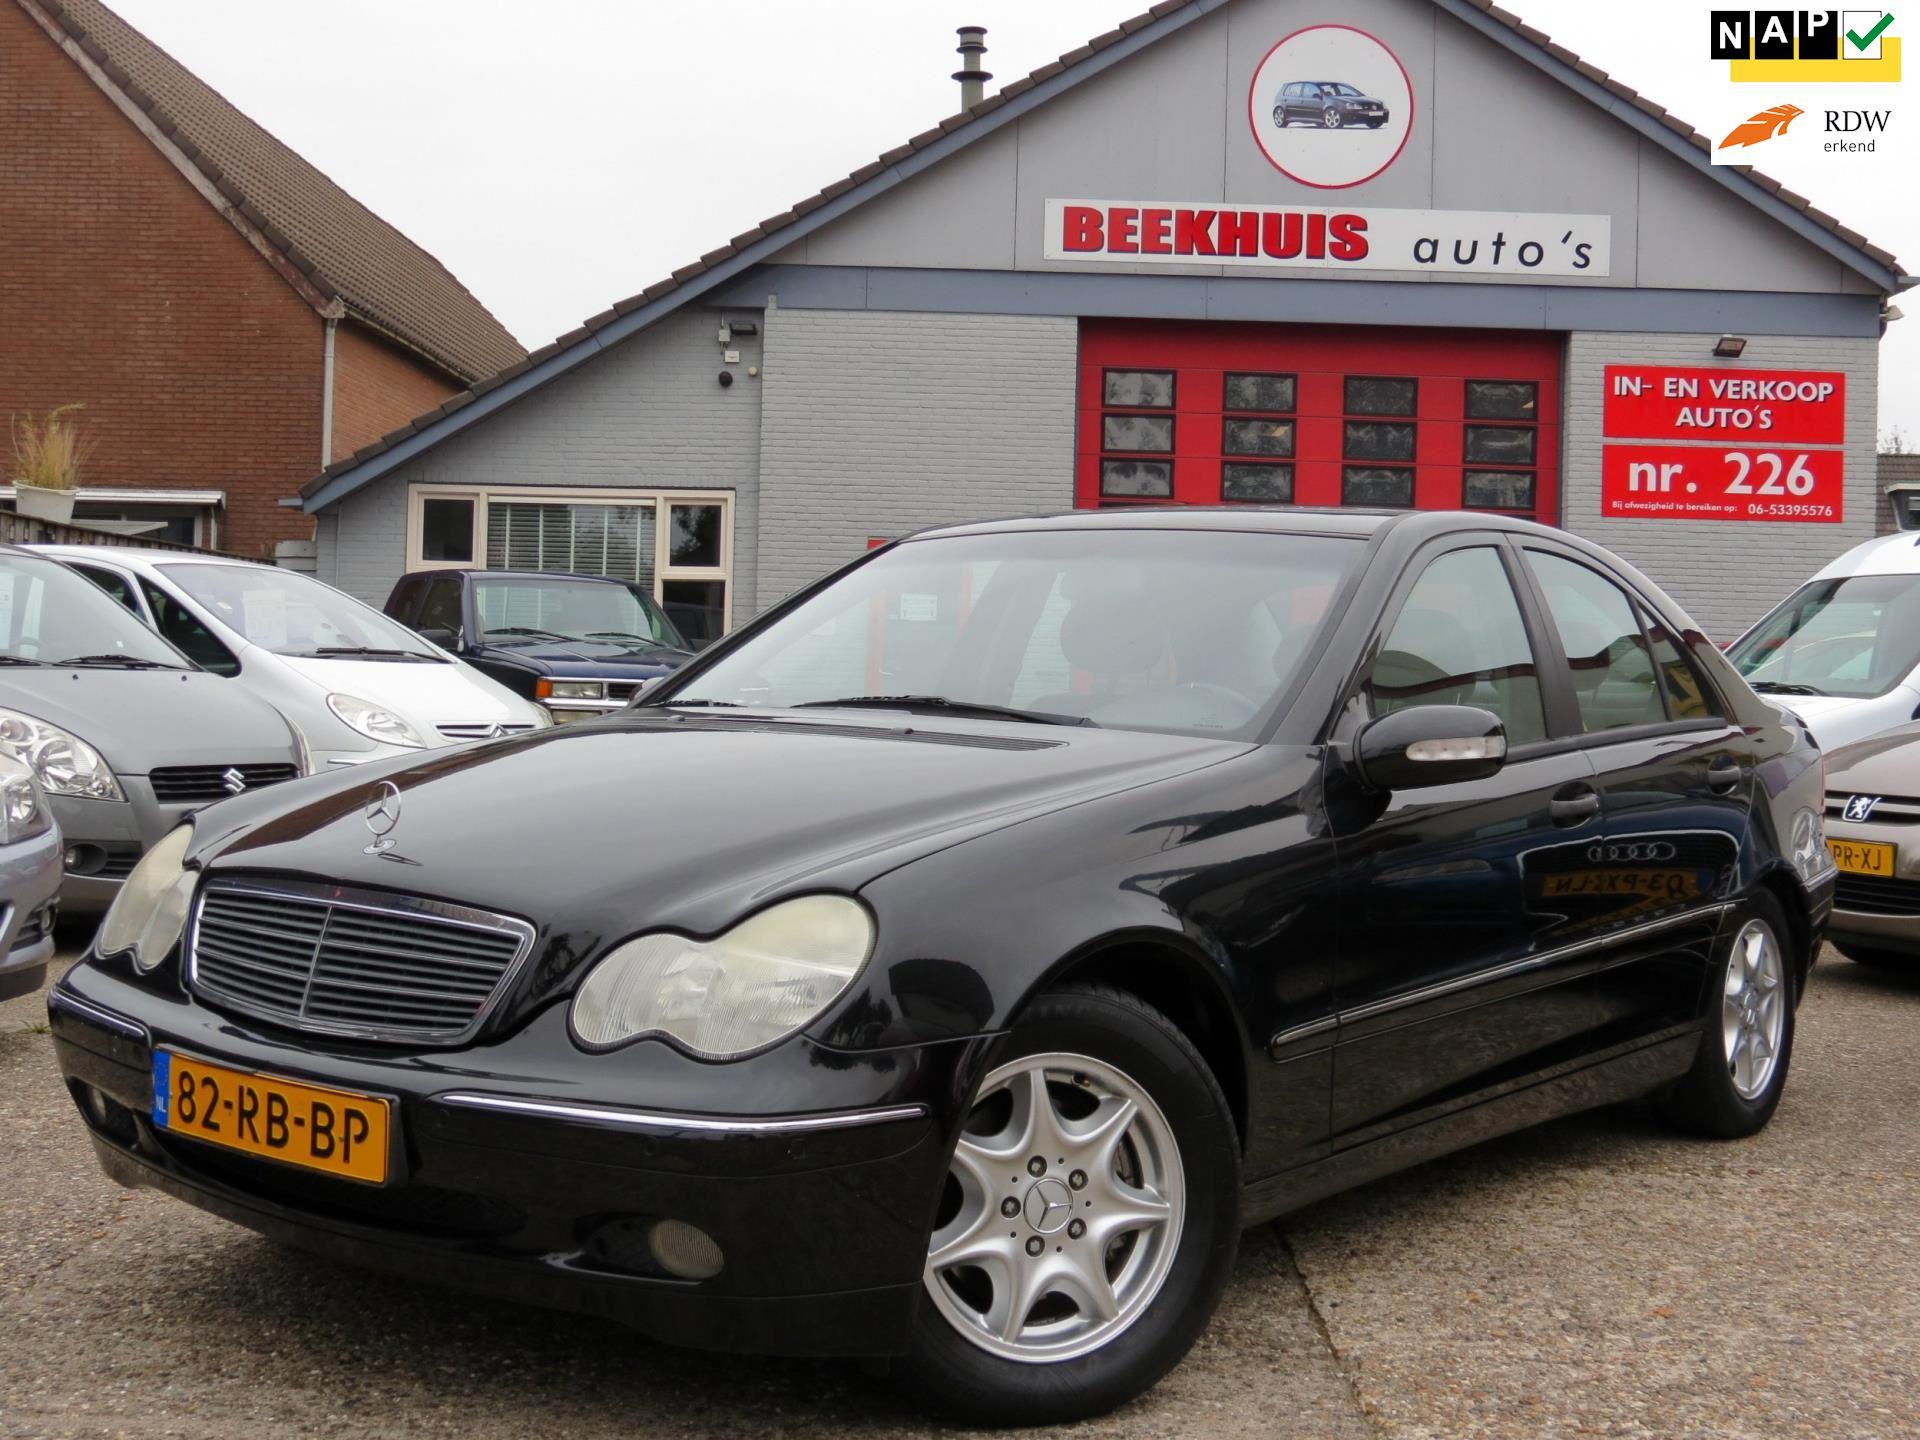 Mercedes-Benz C-klasse occasion - Beekhuis Auto's